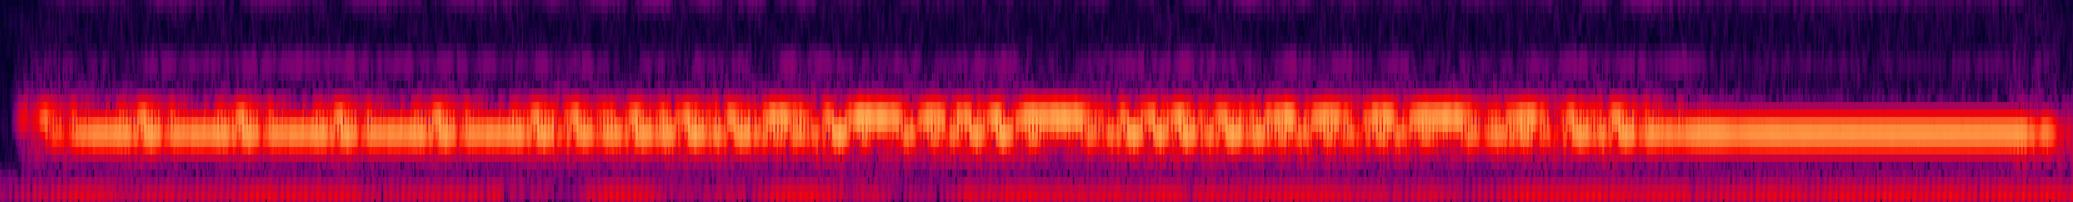 Чем развлечься в самоизоляции, или передаем данные с помощью звуковой карты - 3